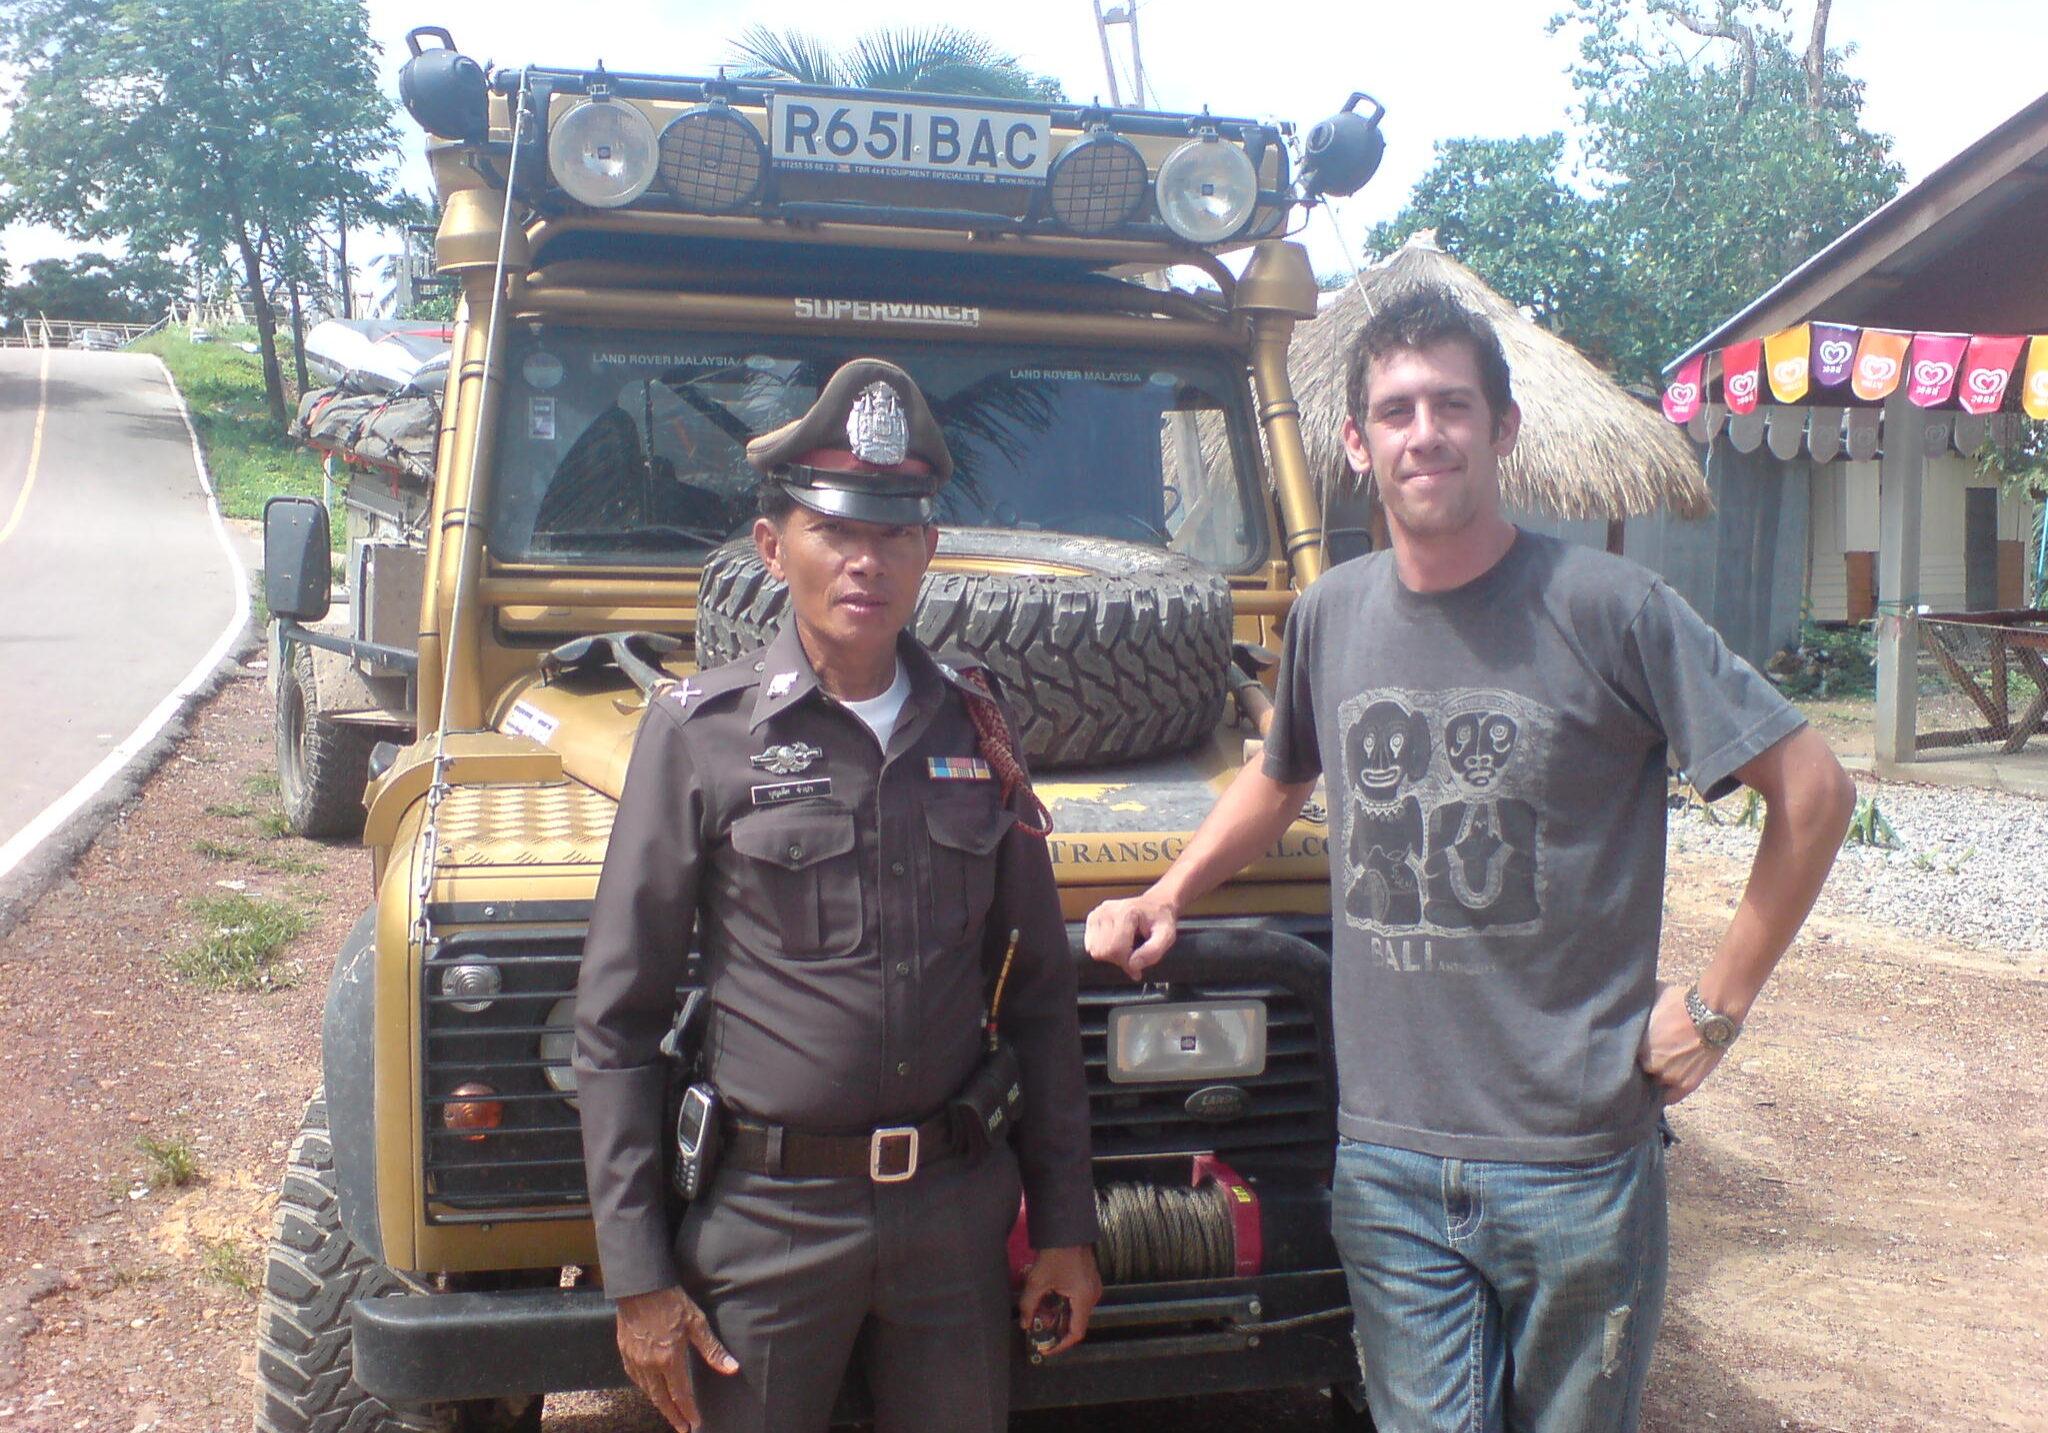 Lanta Police